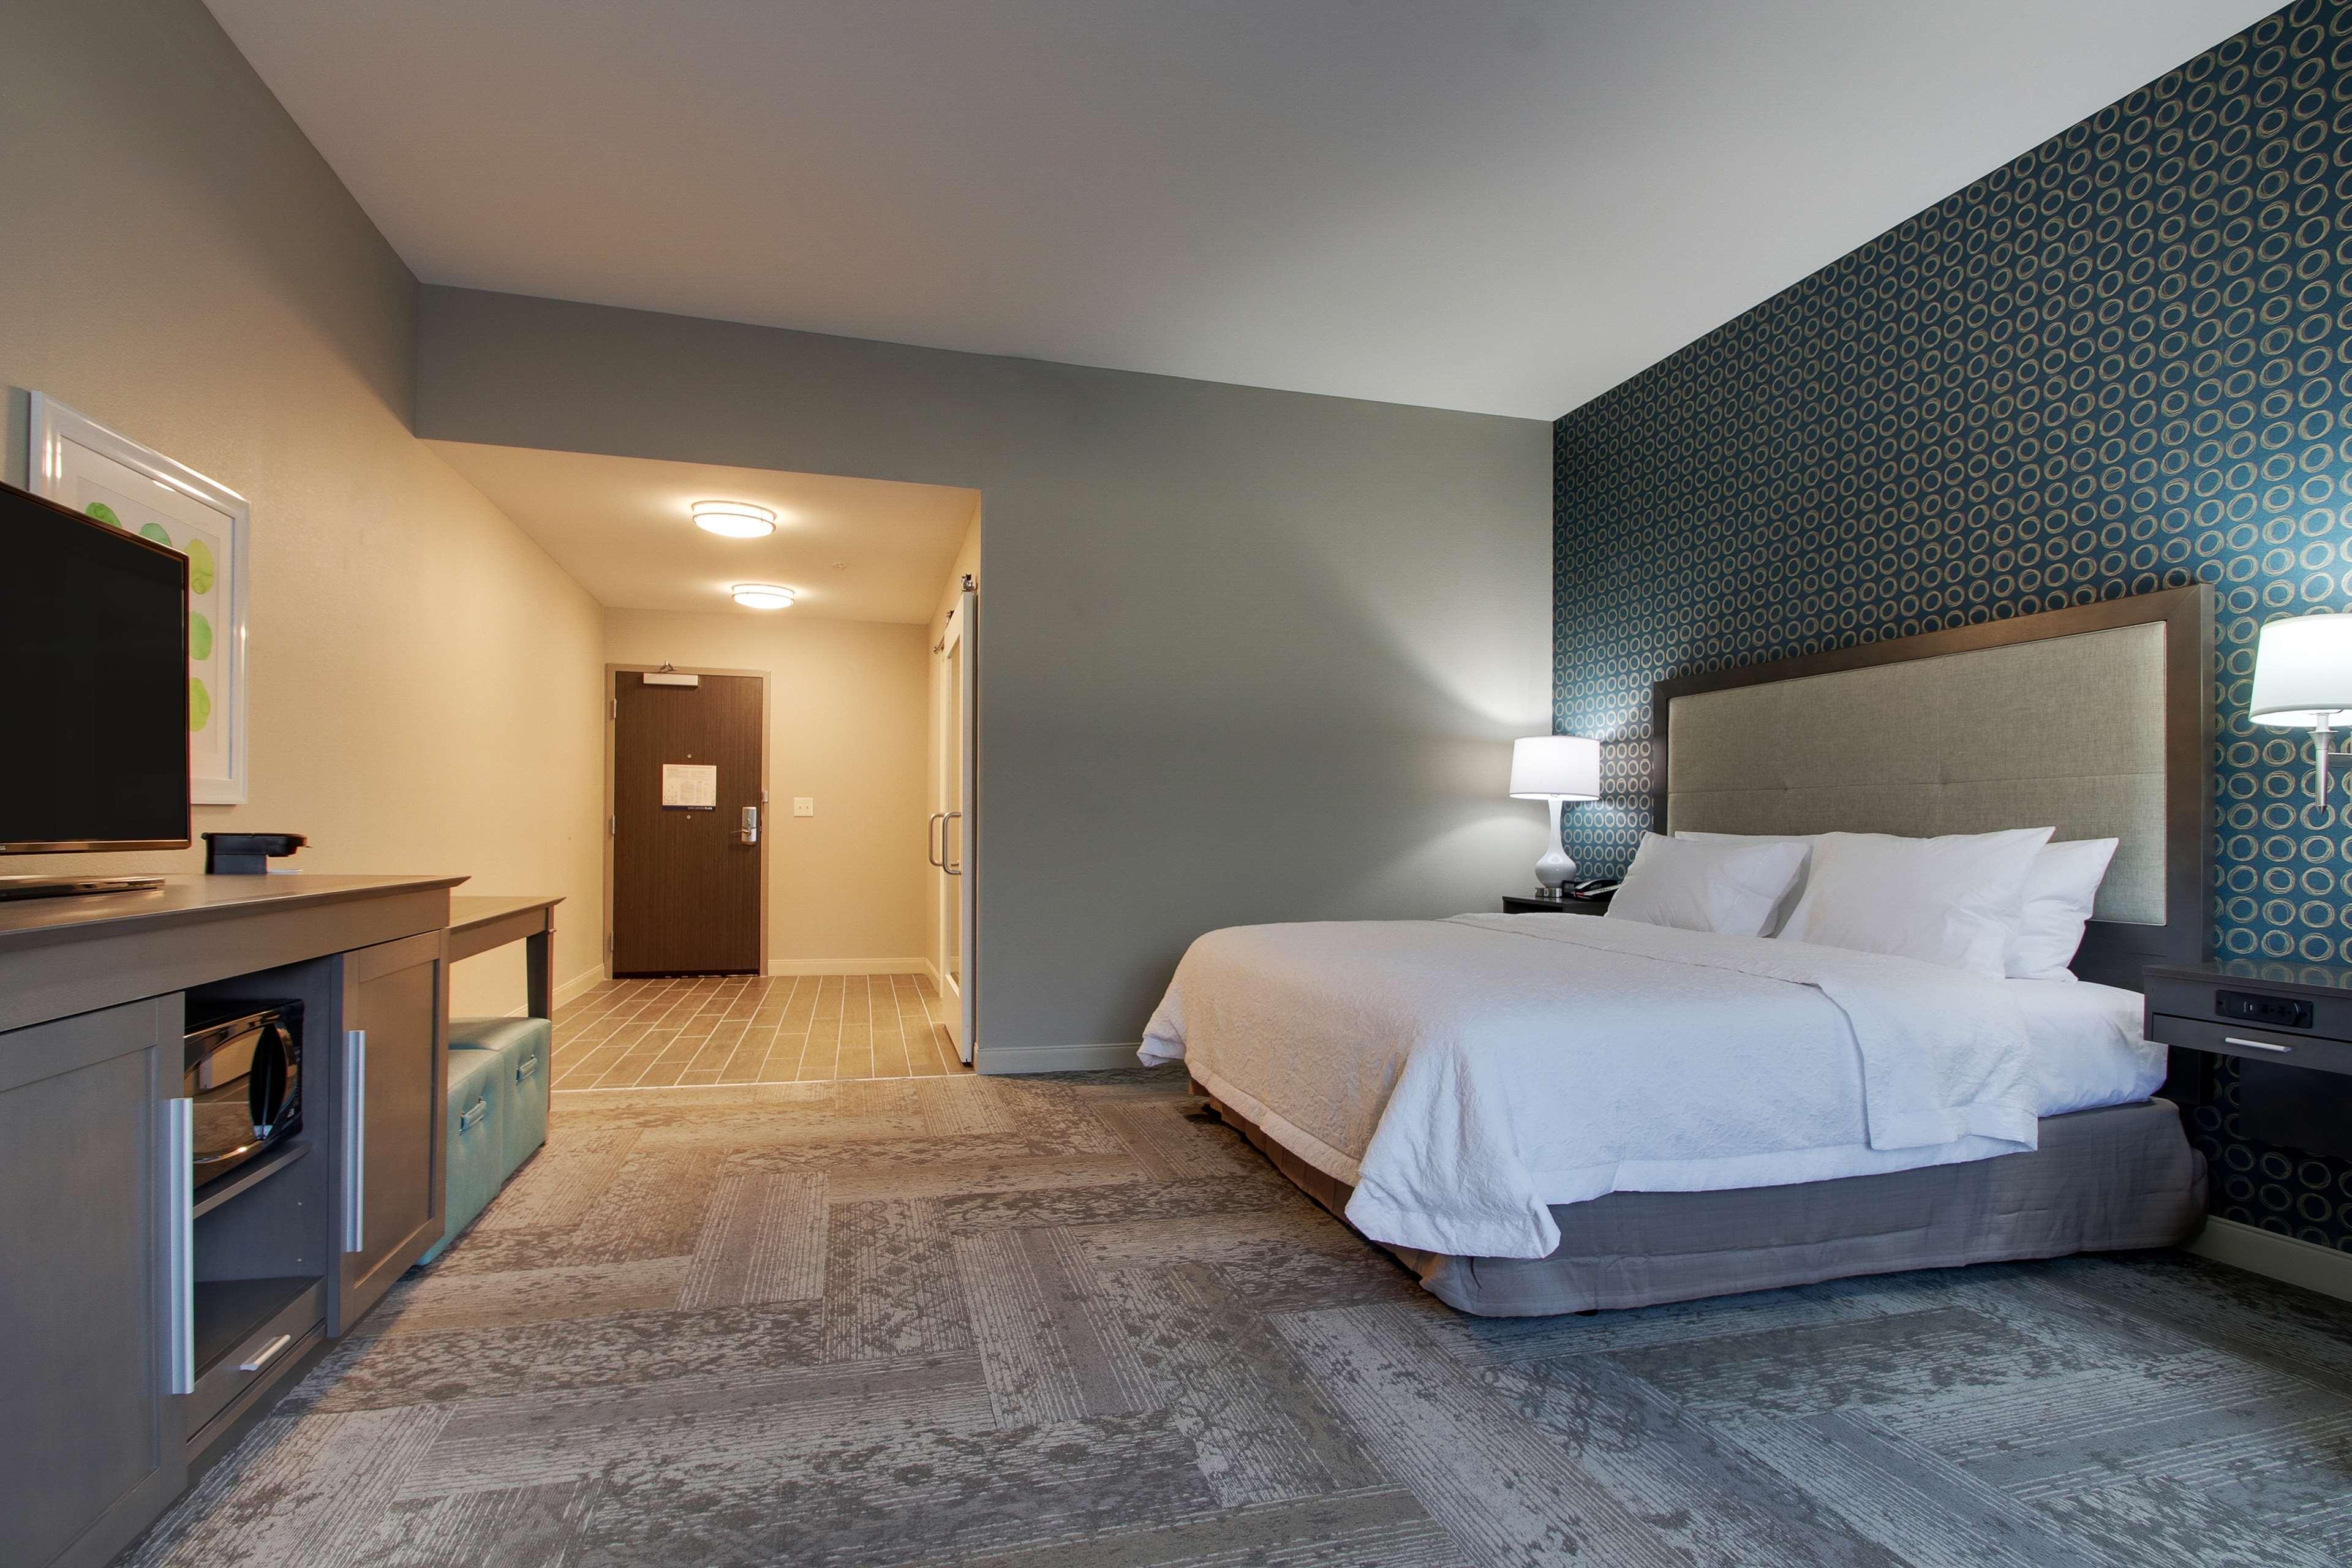 Hampton Inn & Suites Knightdale Raleigh image 21